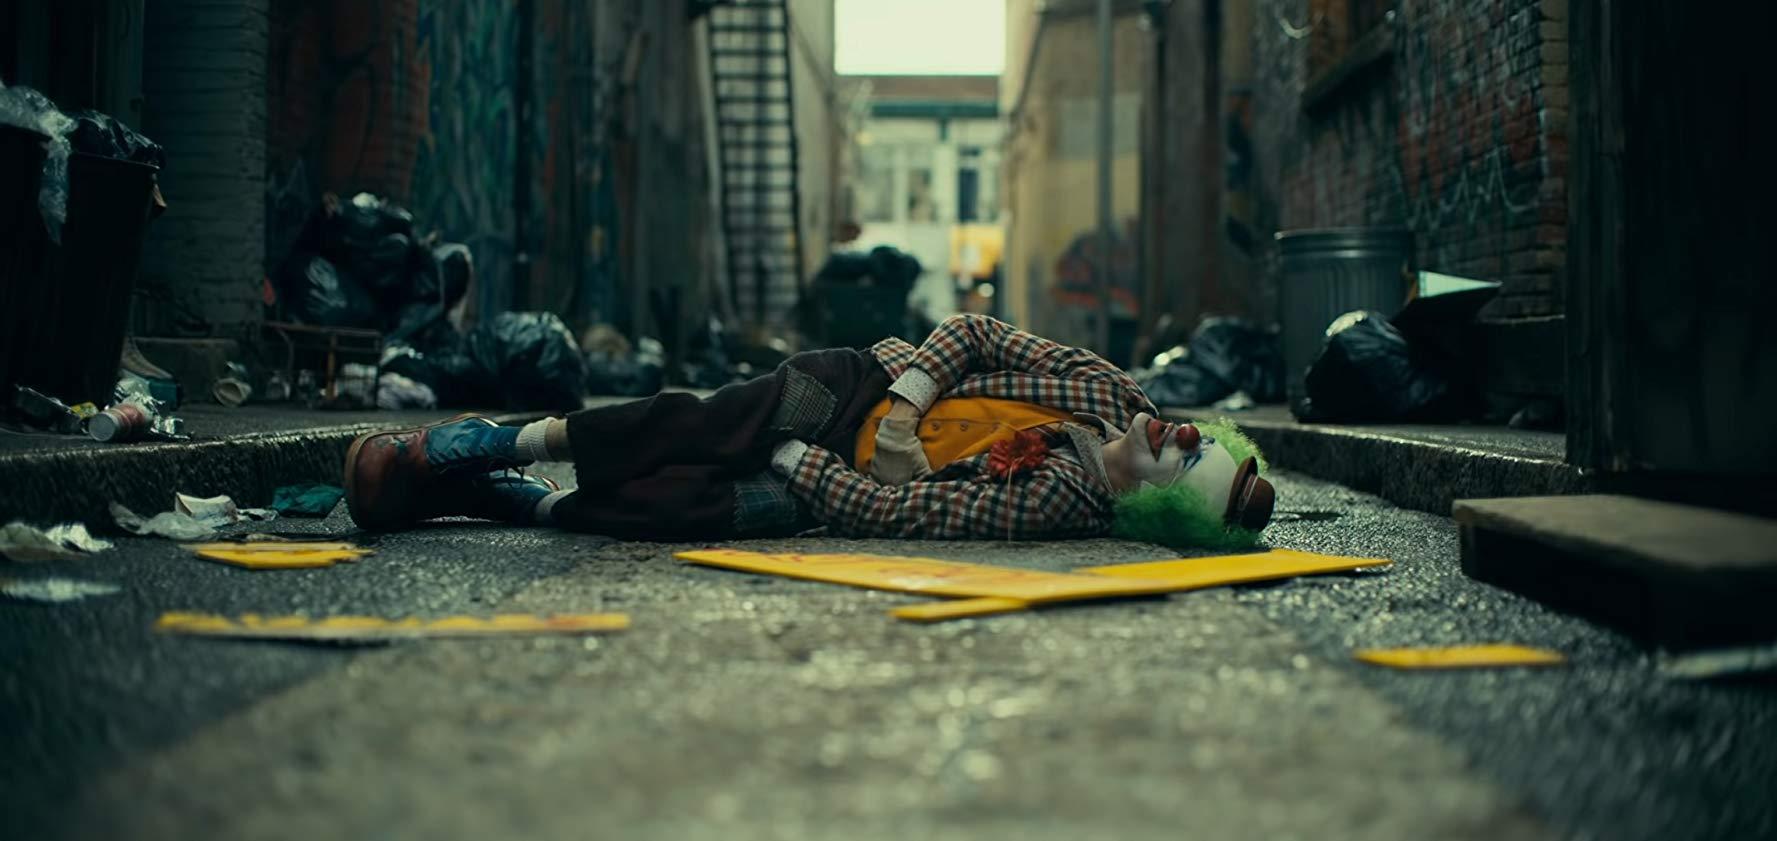 見捨てられ、裏切り続けられたジョーカー。ジョーカー誕生の理由は周囲の環境だった